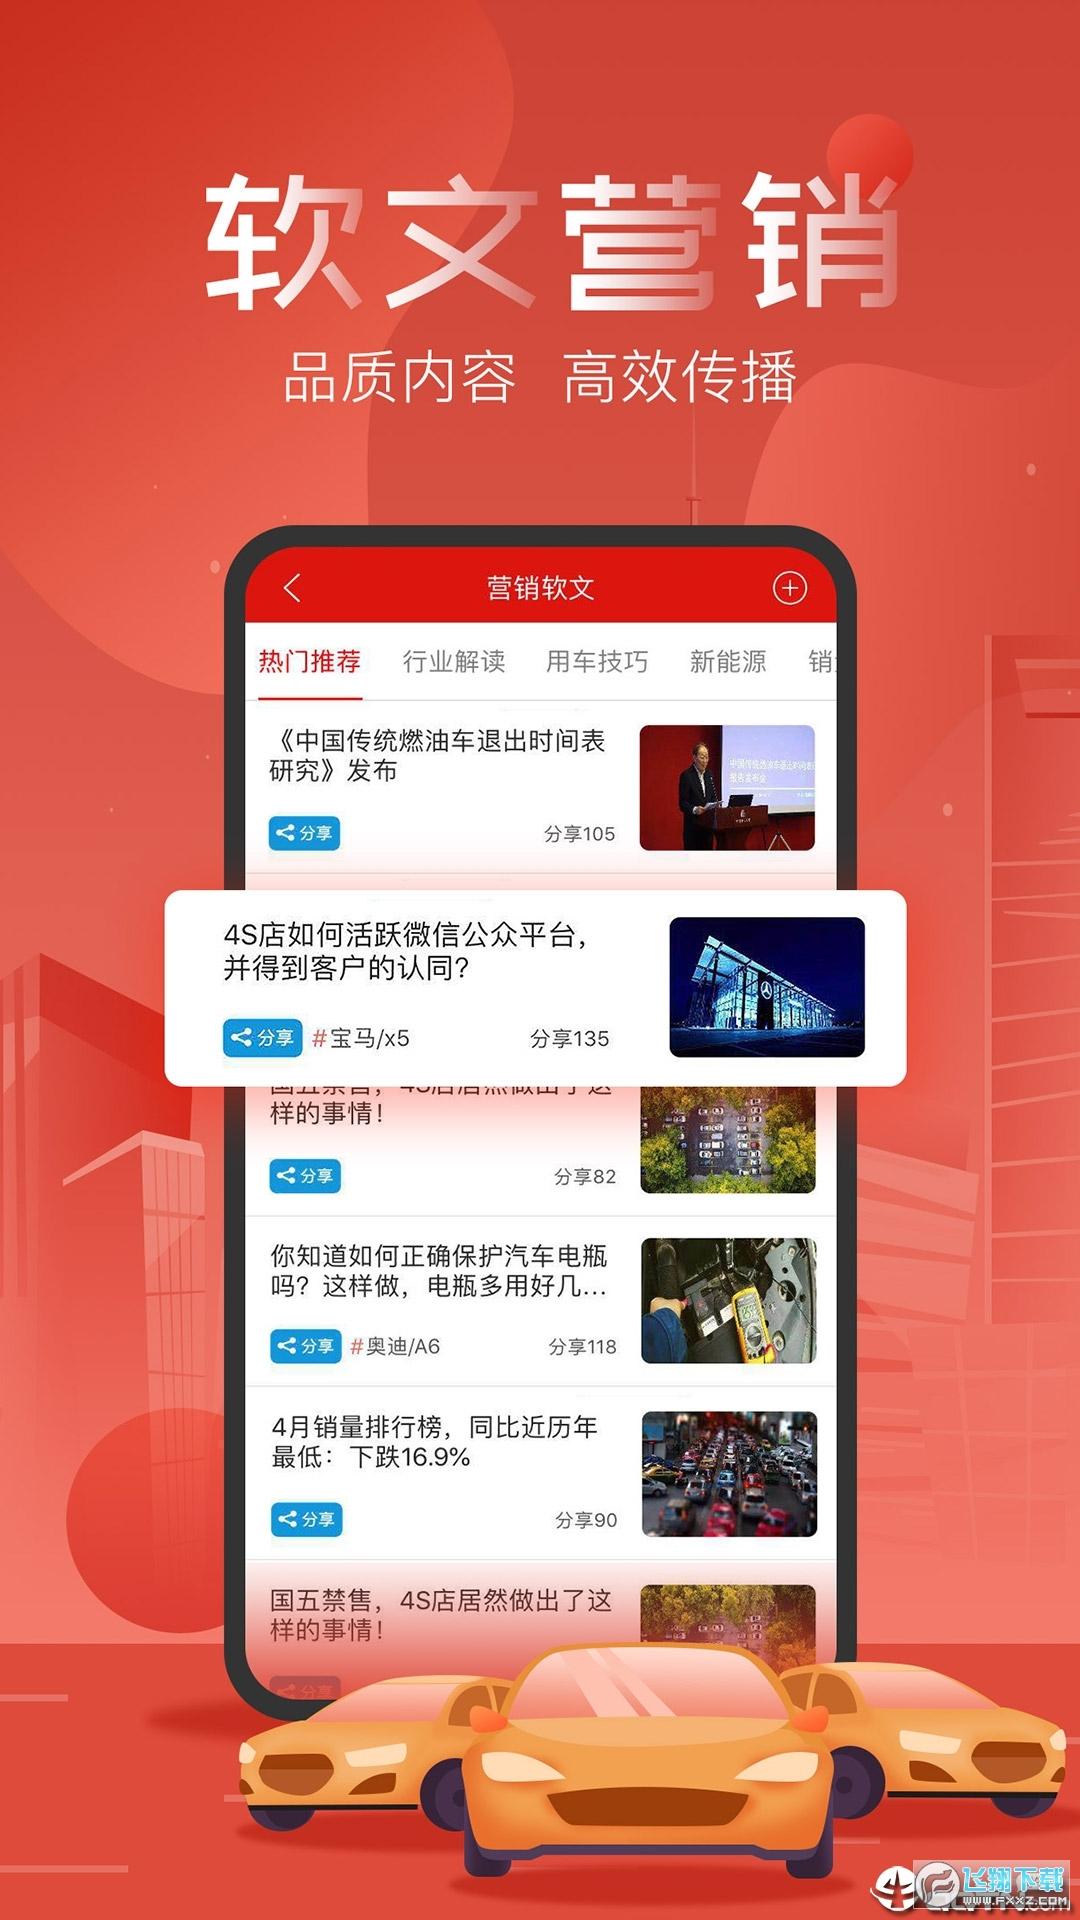 友车帮app最新版1.8.4安卓版截图1